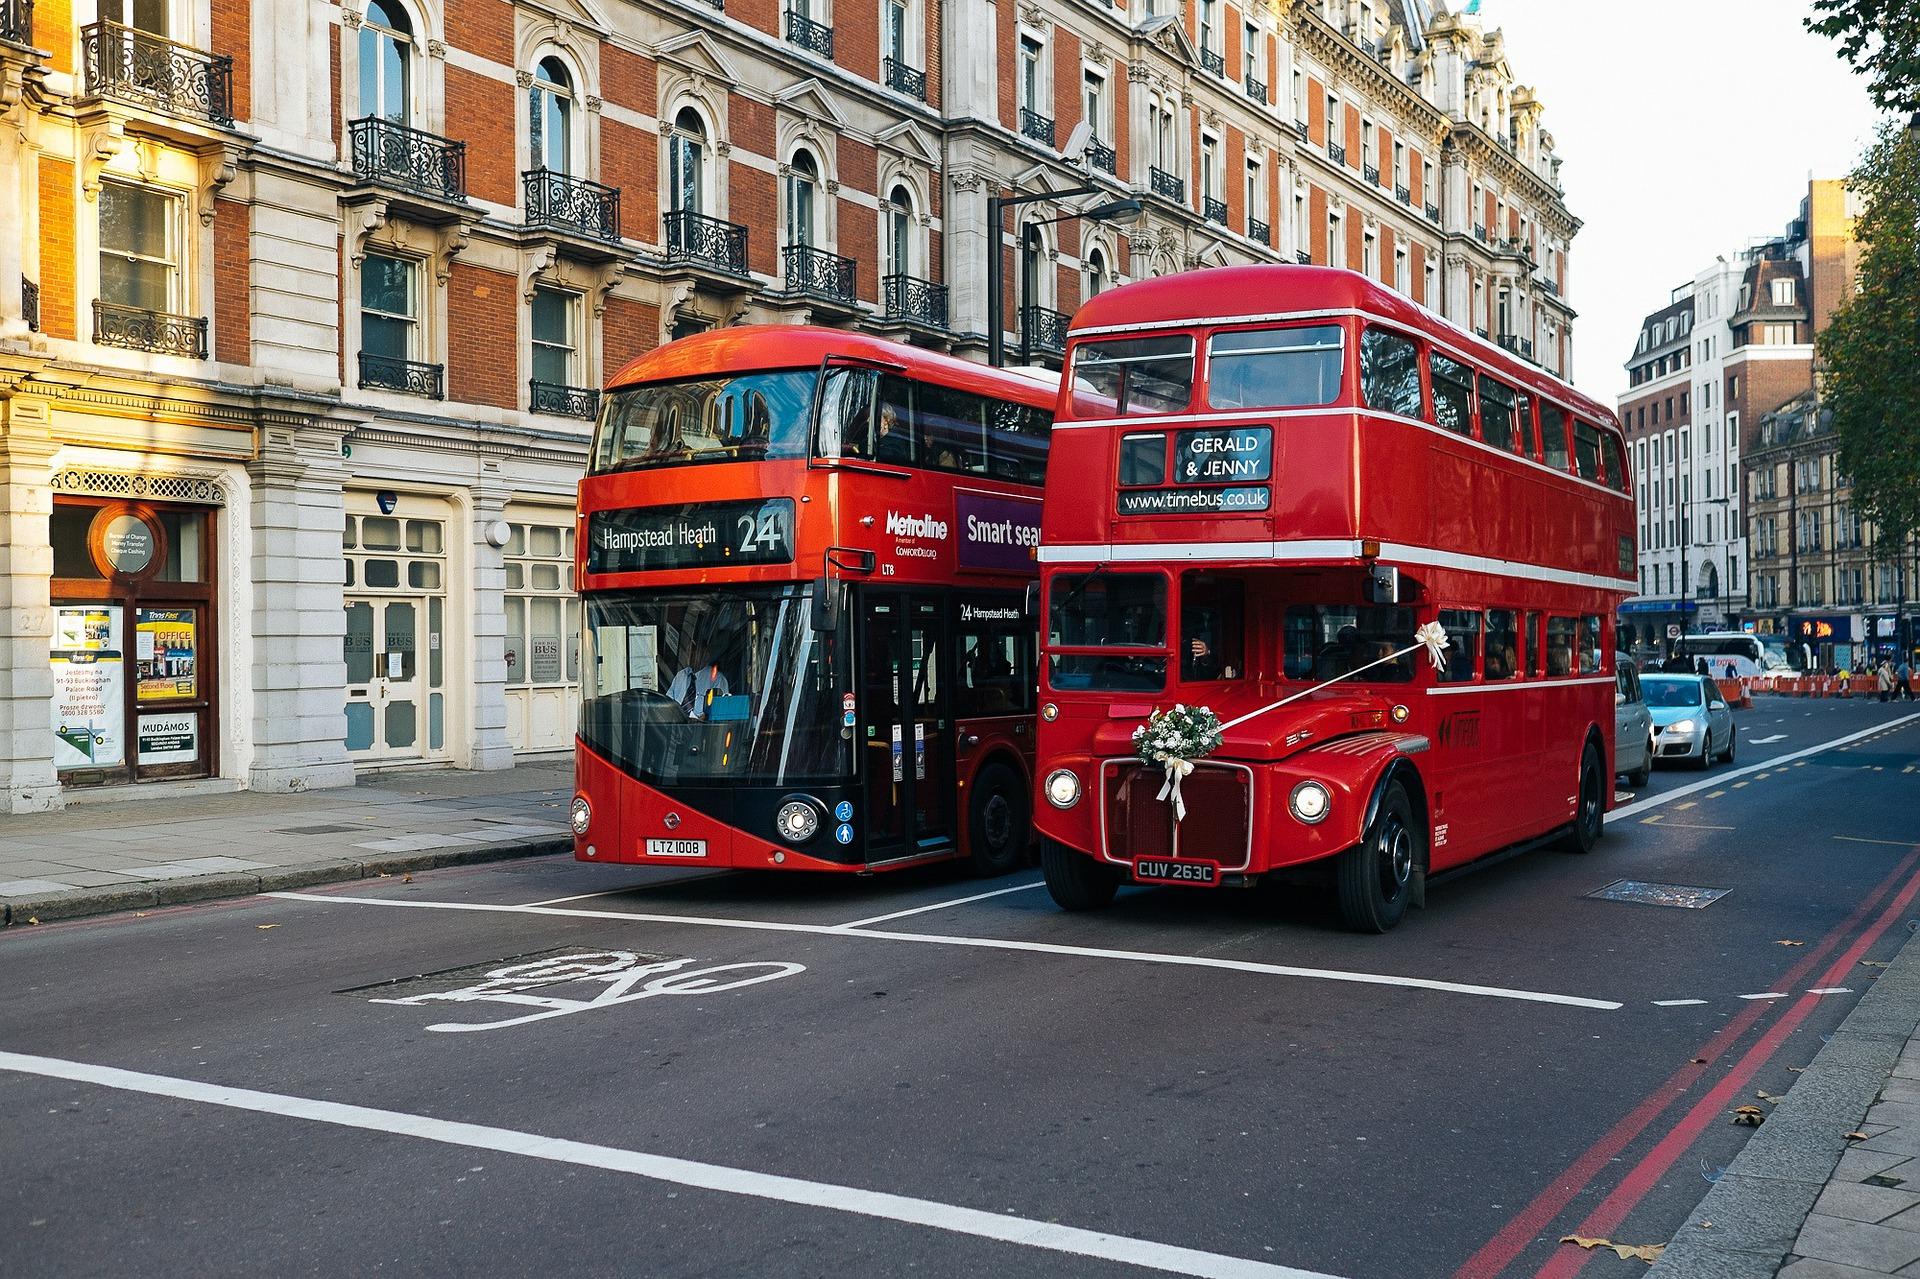 おすすめ関連情報 ロンドン行き格安航空券 成田ロンドン 関空ロンドン 名古屋ロンドン 旅TIME